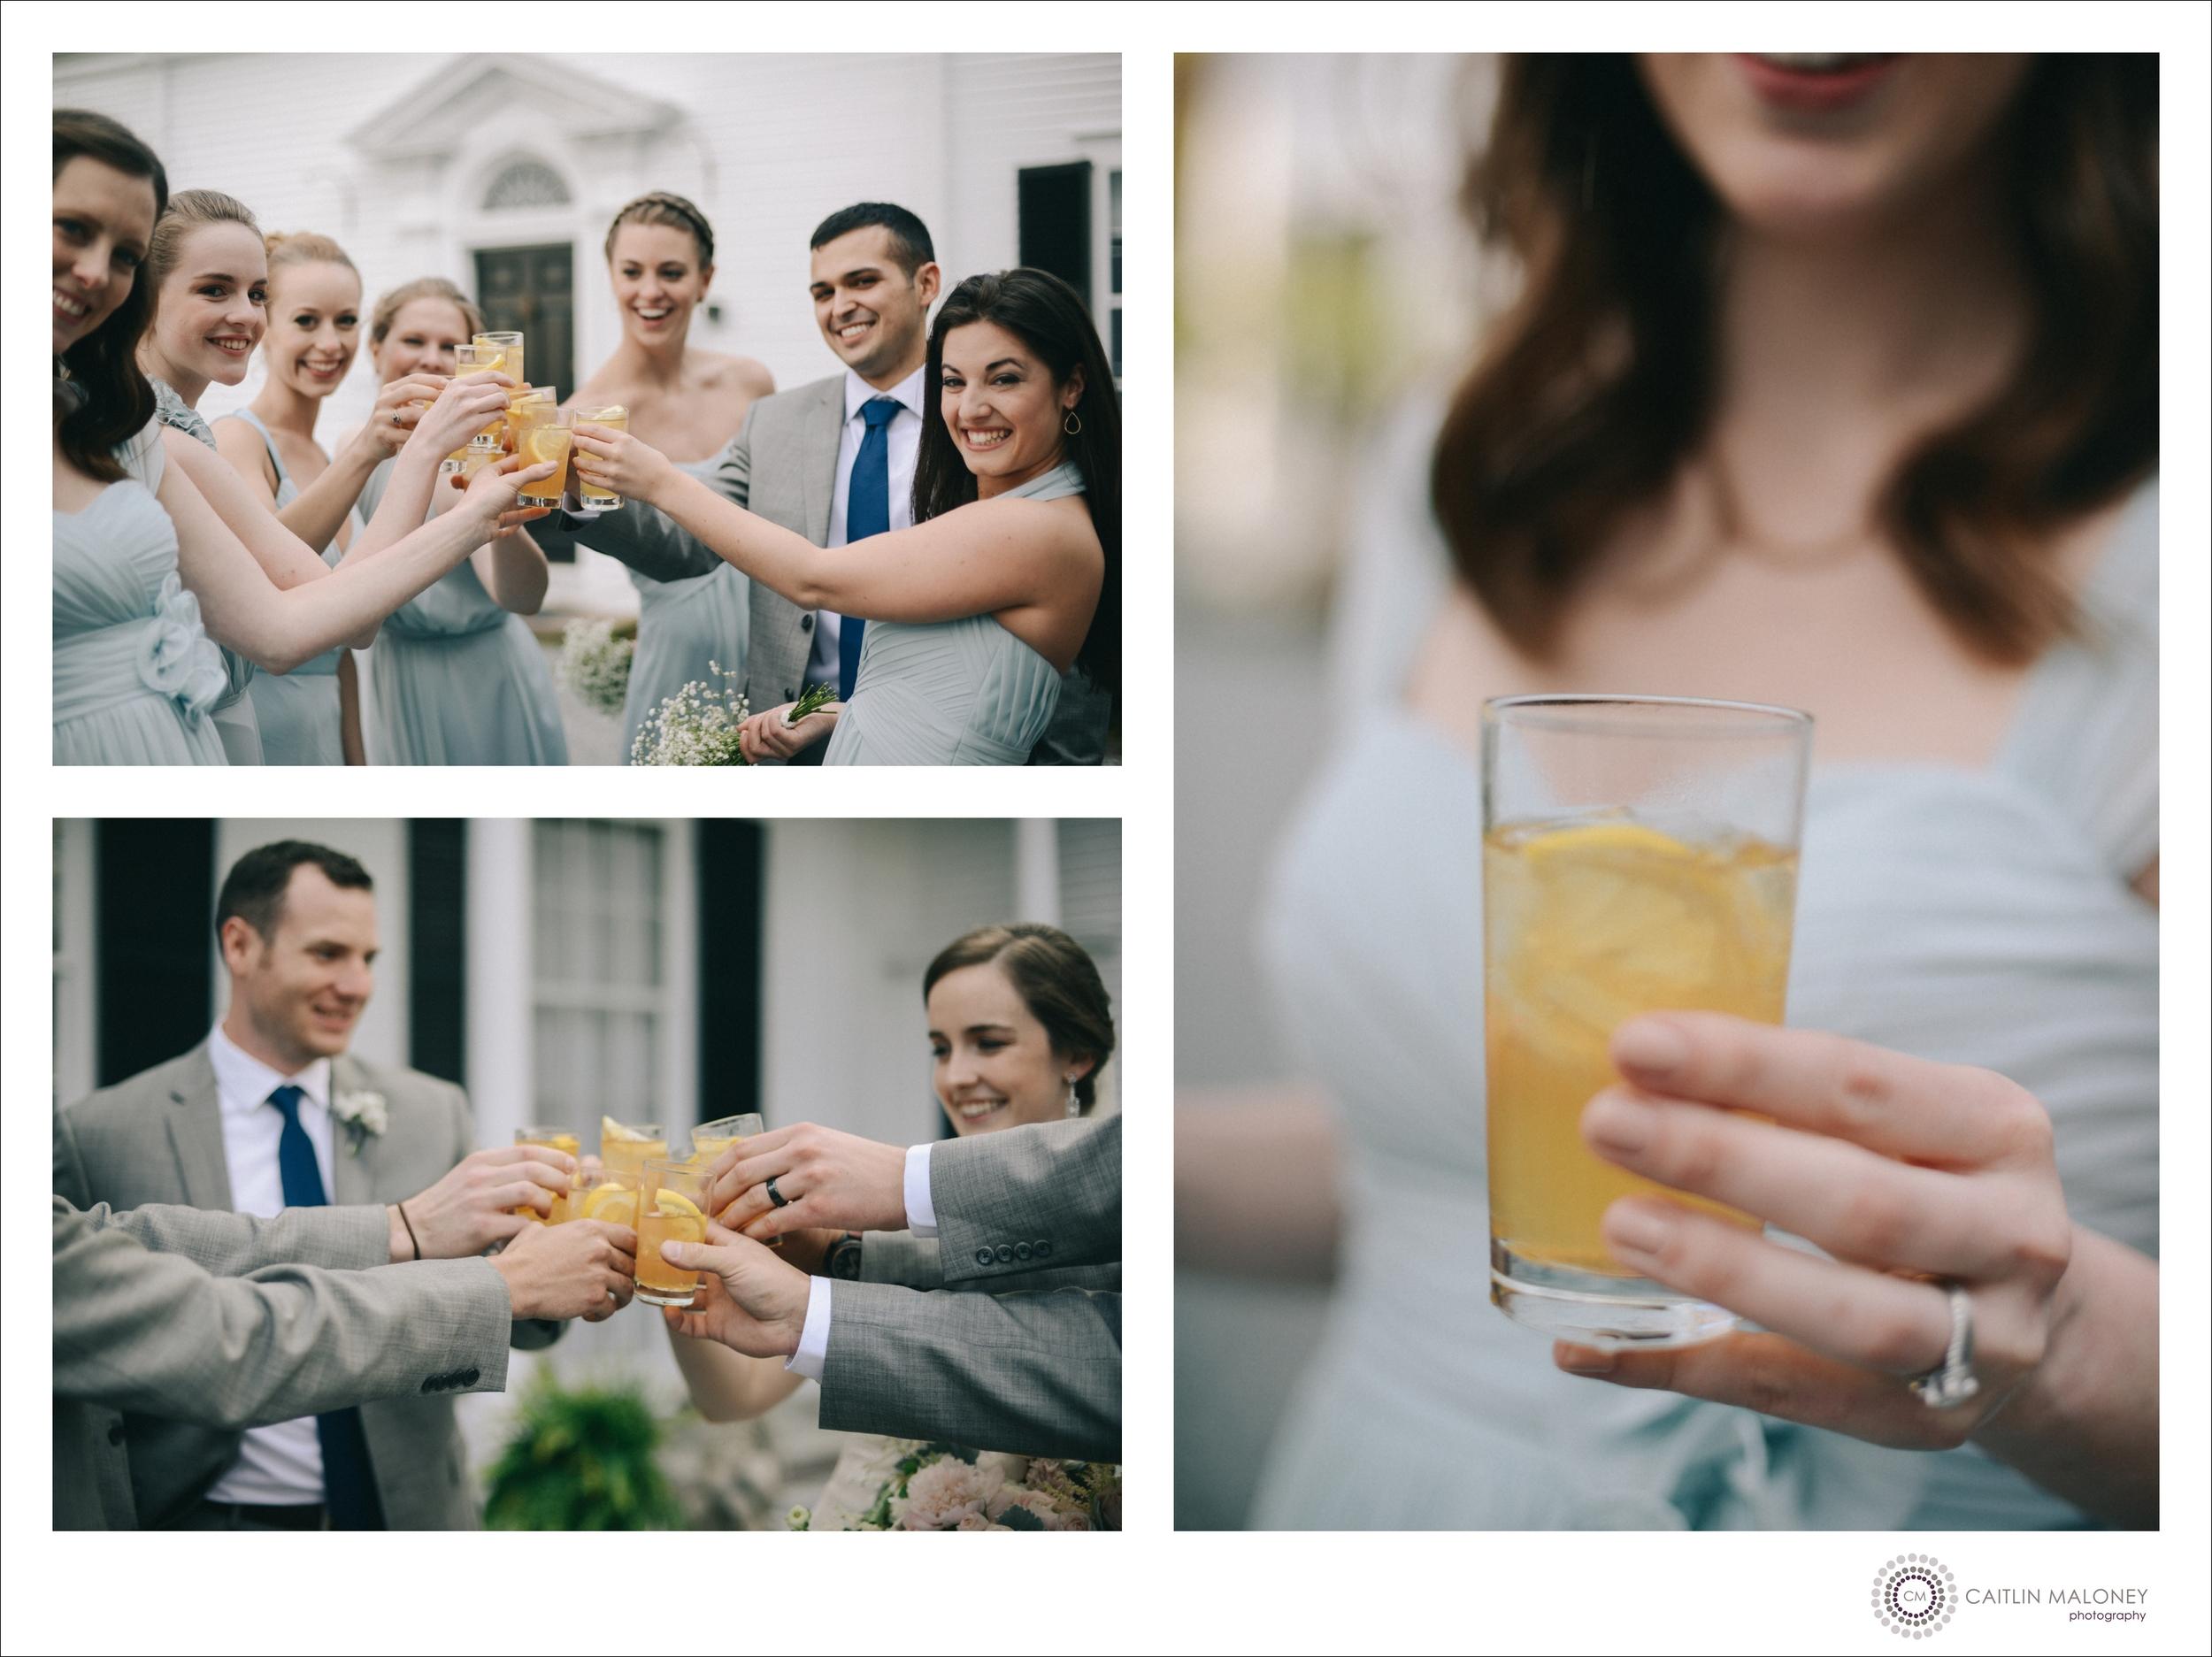 Linden_Place_Wedding_Photos_038.jpg